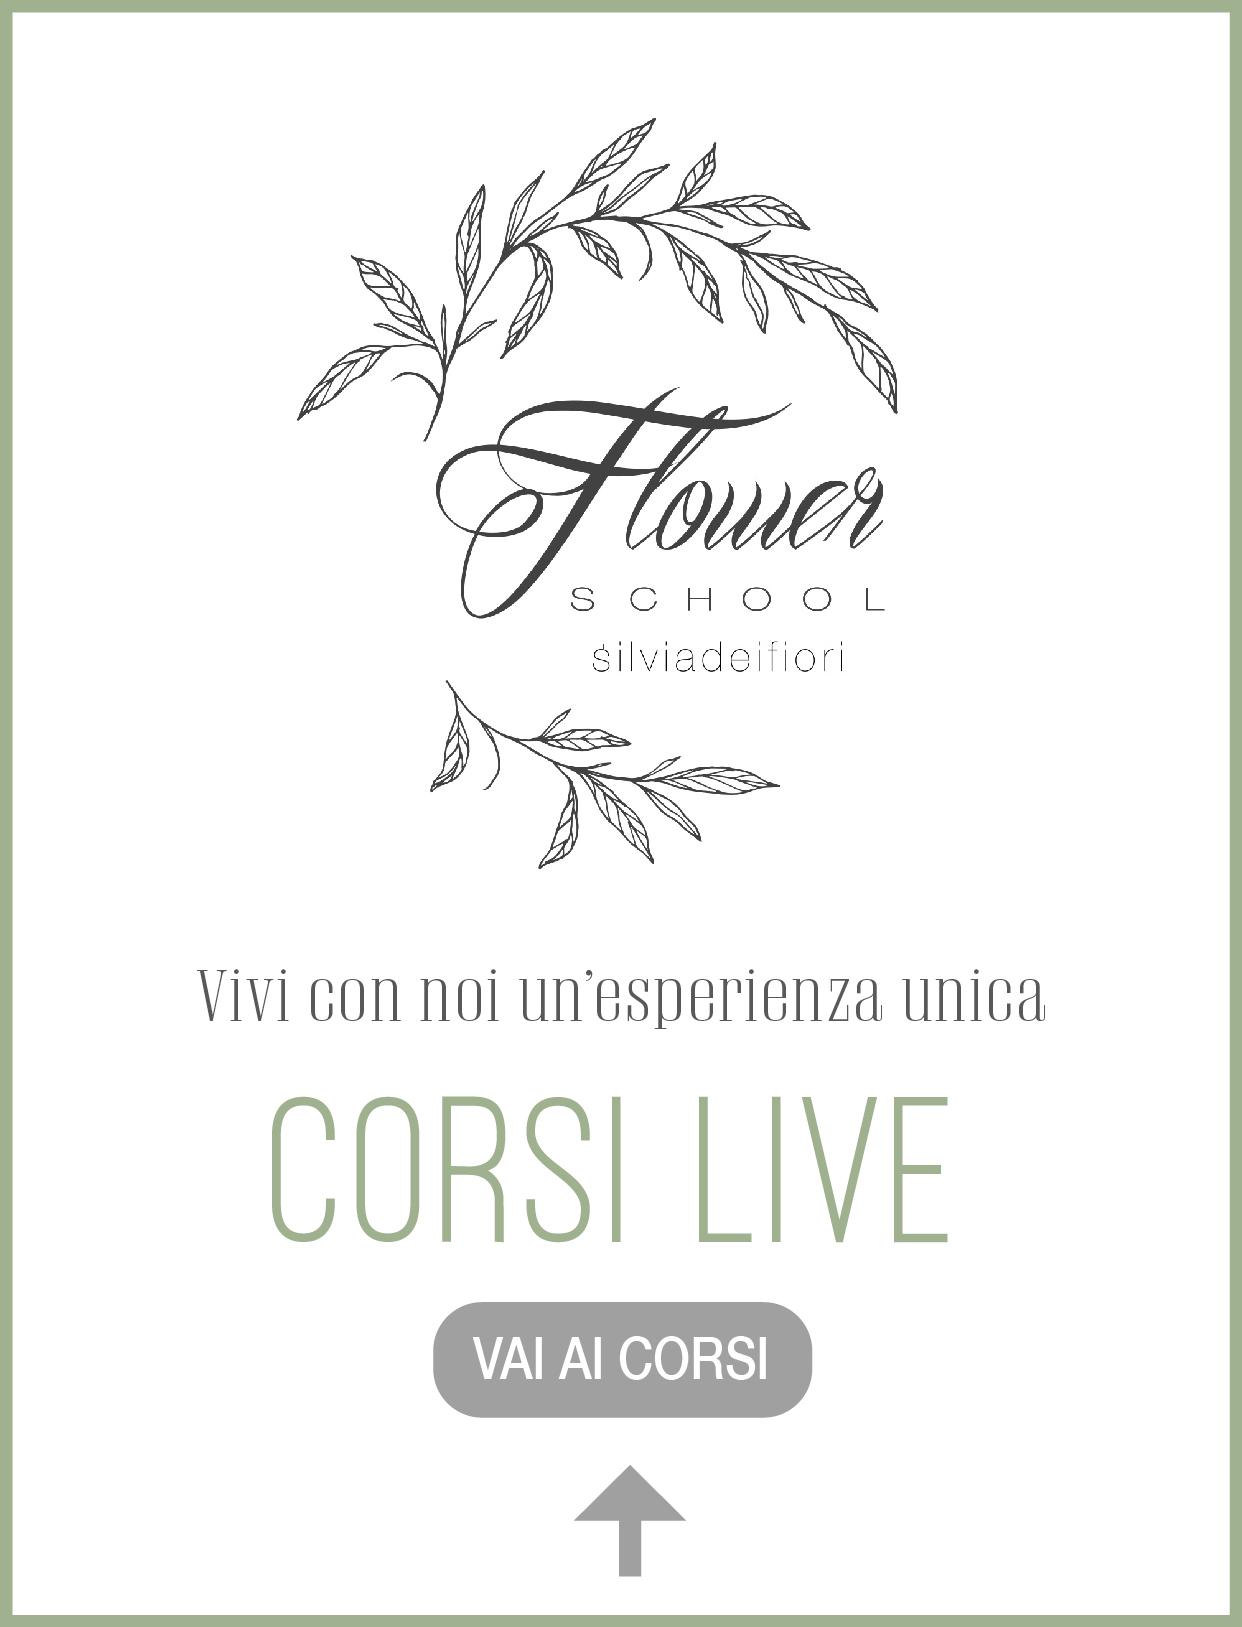 Corsi Live Silviadeifiori